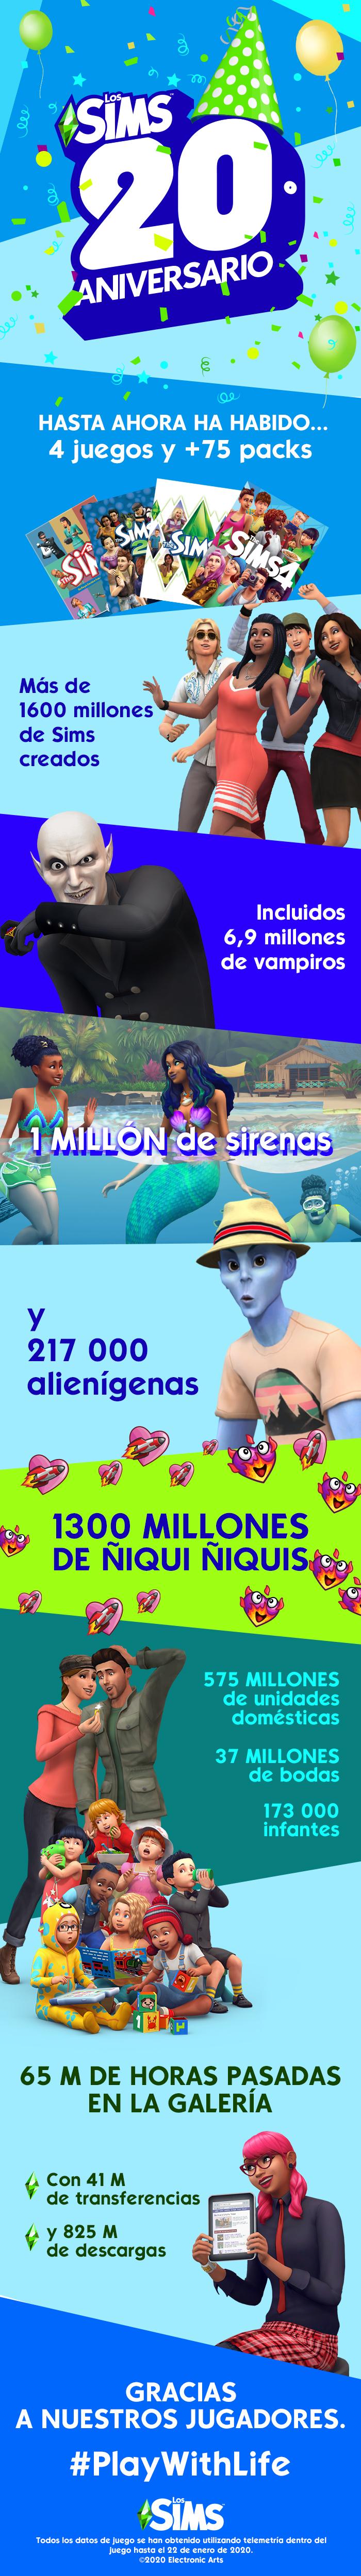 """Los Sims cumplen 20 años anunciando que ya se han hecho 1.300 millones de """"ñiqui ñiquis"""" en los juegos"""